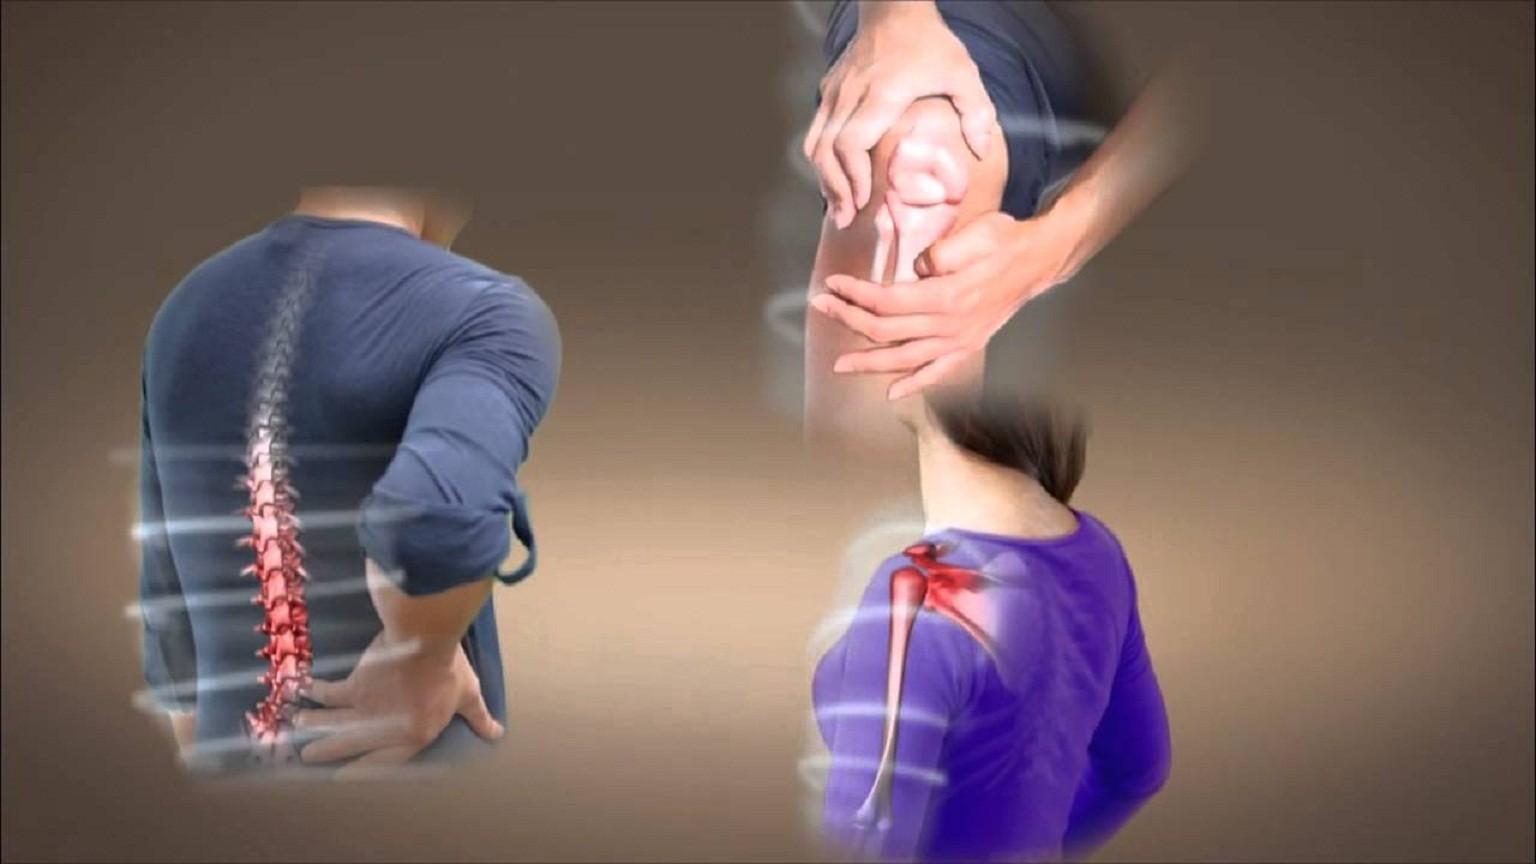 Mỗi khi trời bắt đầu chuyển lạnh là các khớp xương đau nhức và khó chịu vô cùng, đặc biệt là với những người già, người ít vận động hoặc lao động nhiều.